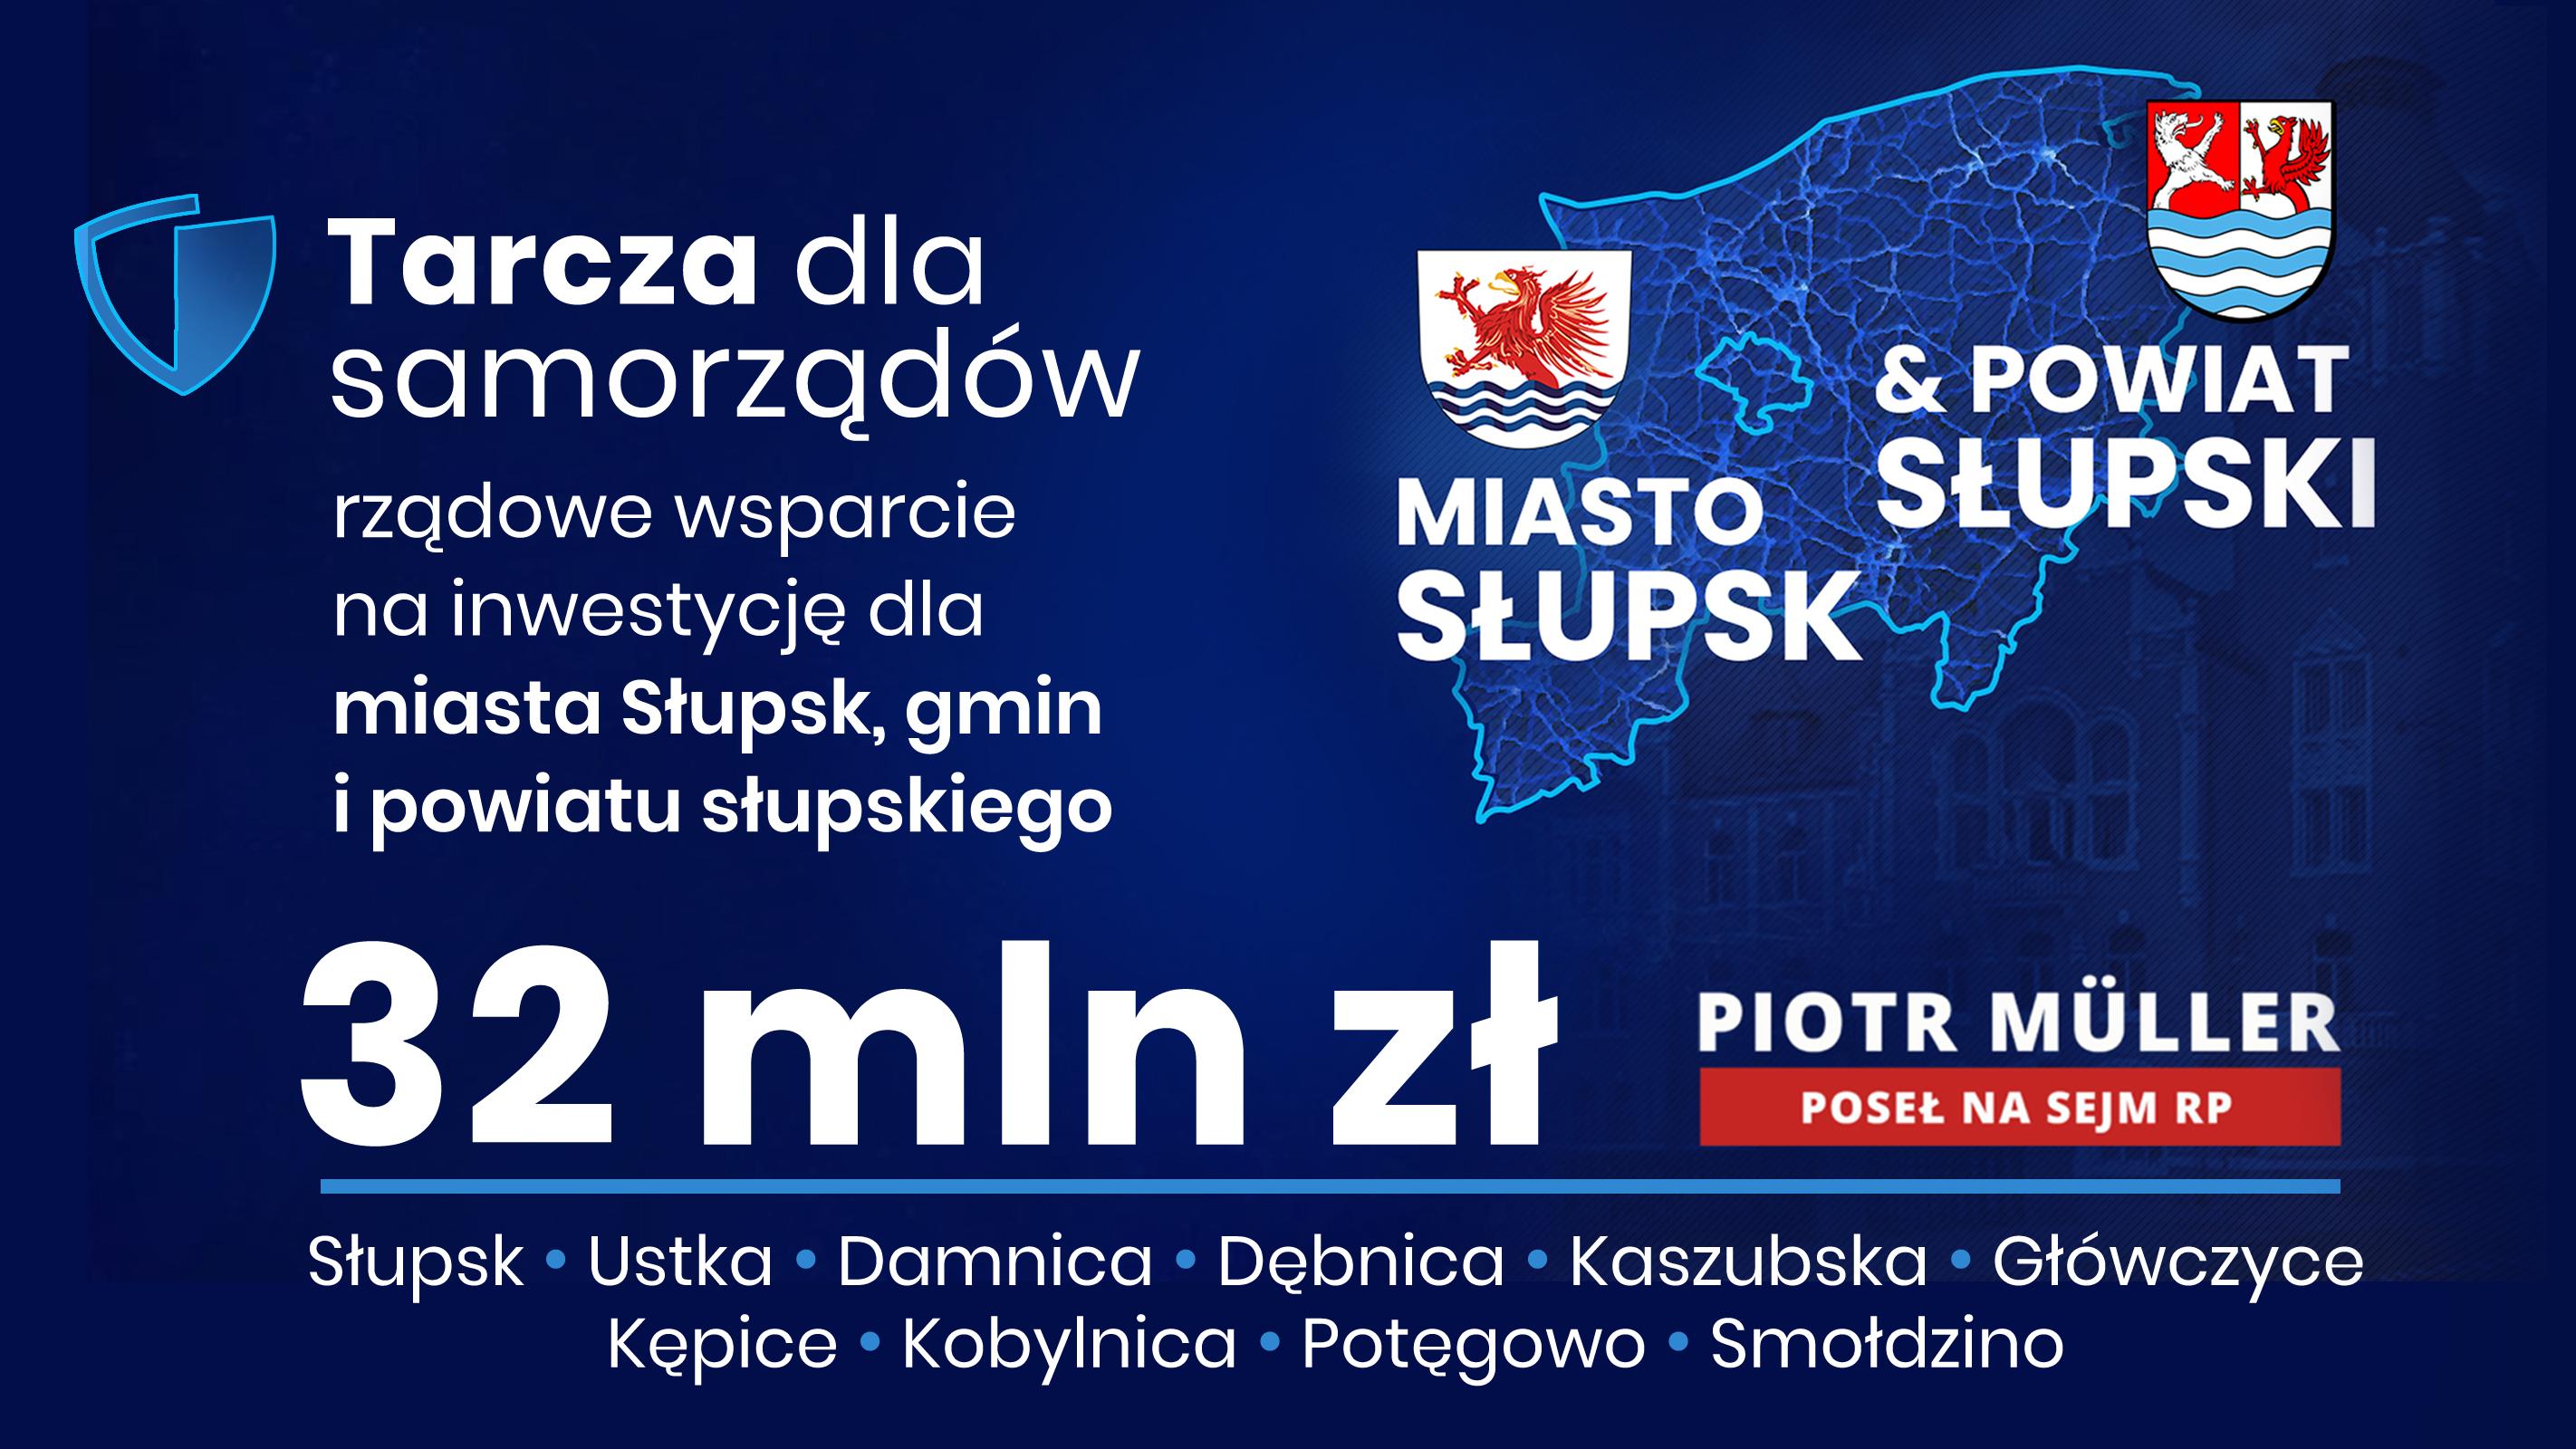 32 mln zł dla regionu słupskiego